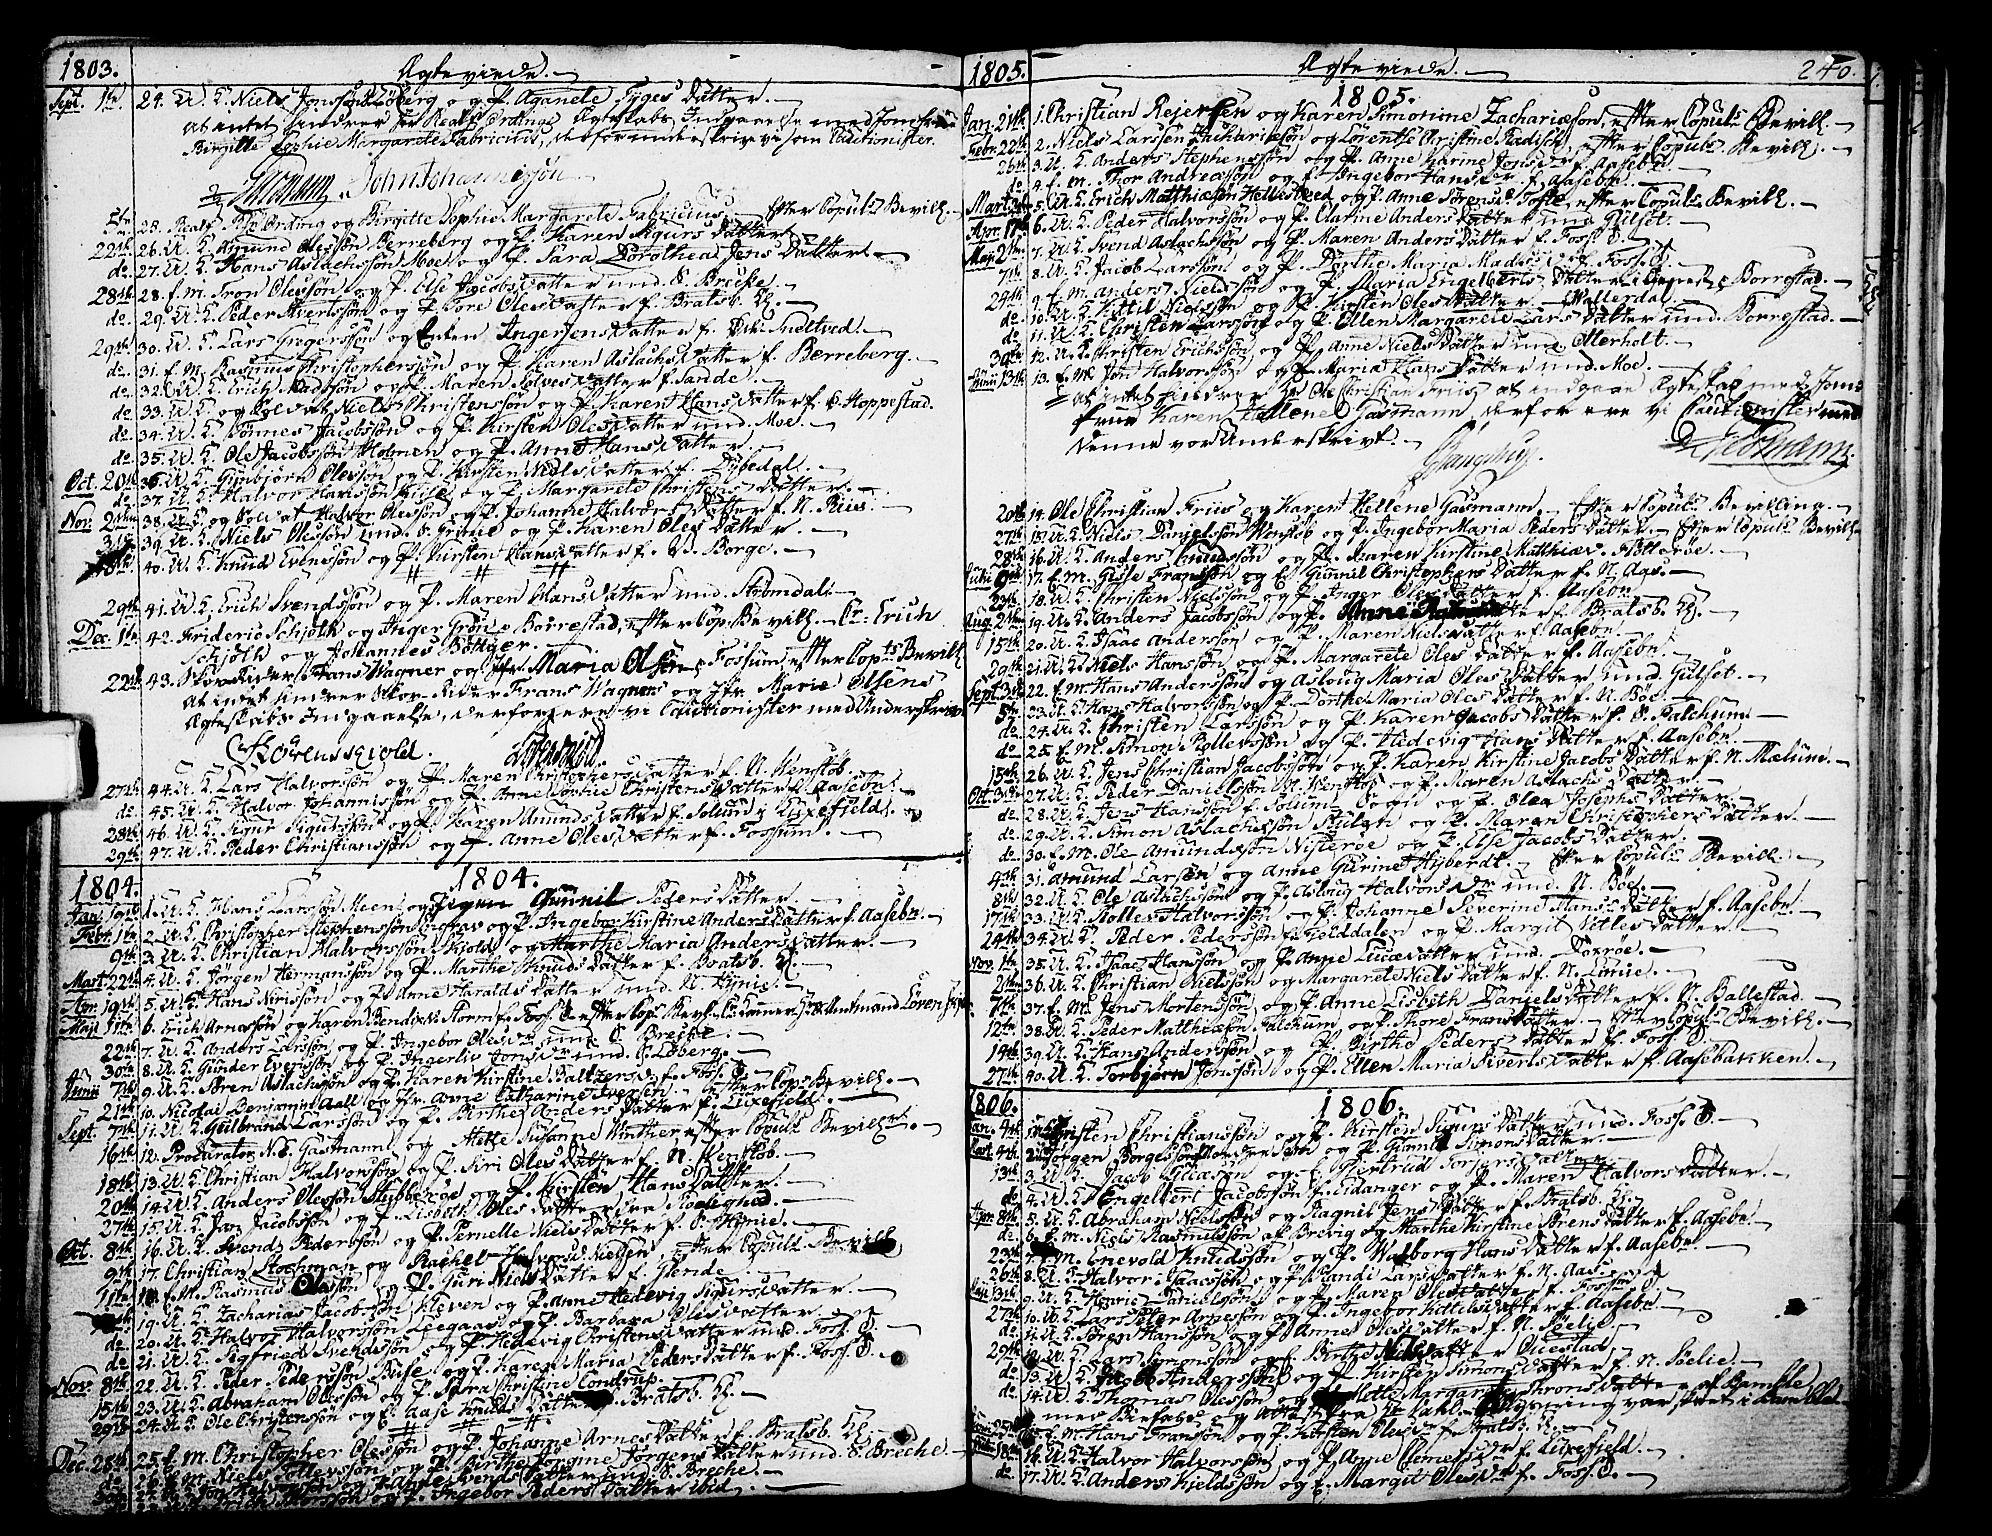 SAKO, Gjerpen kirkebøker, F/Fa/L0003: Ministerialbok nr. 3, 1796-1814, s. 240